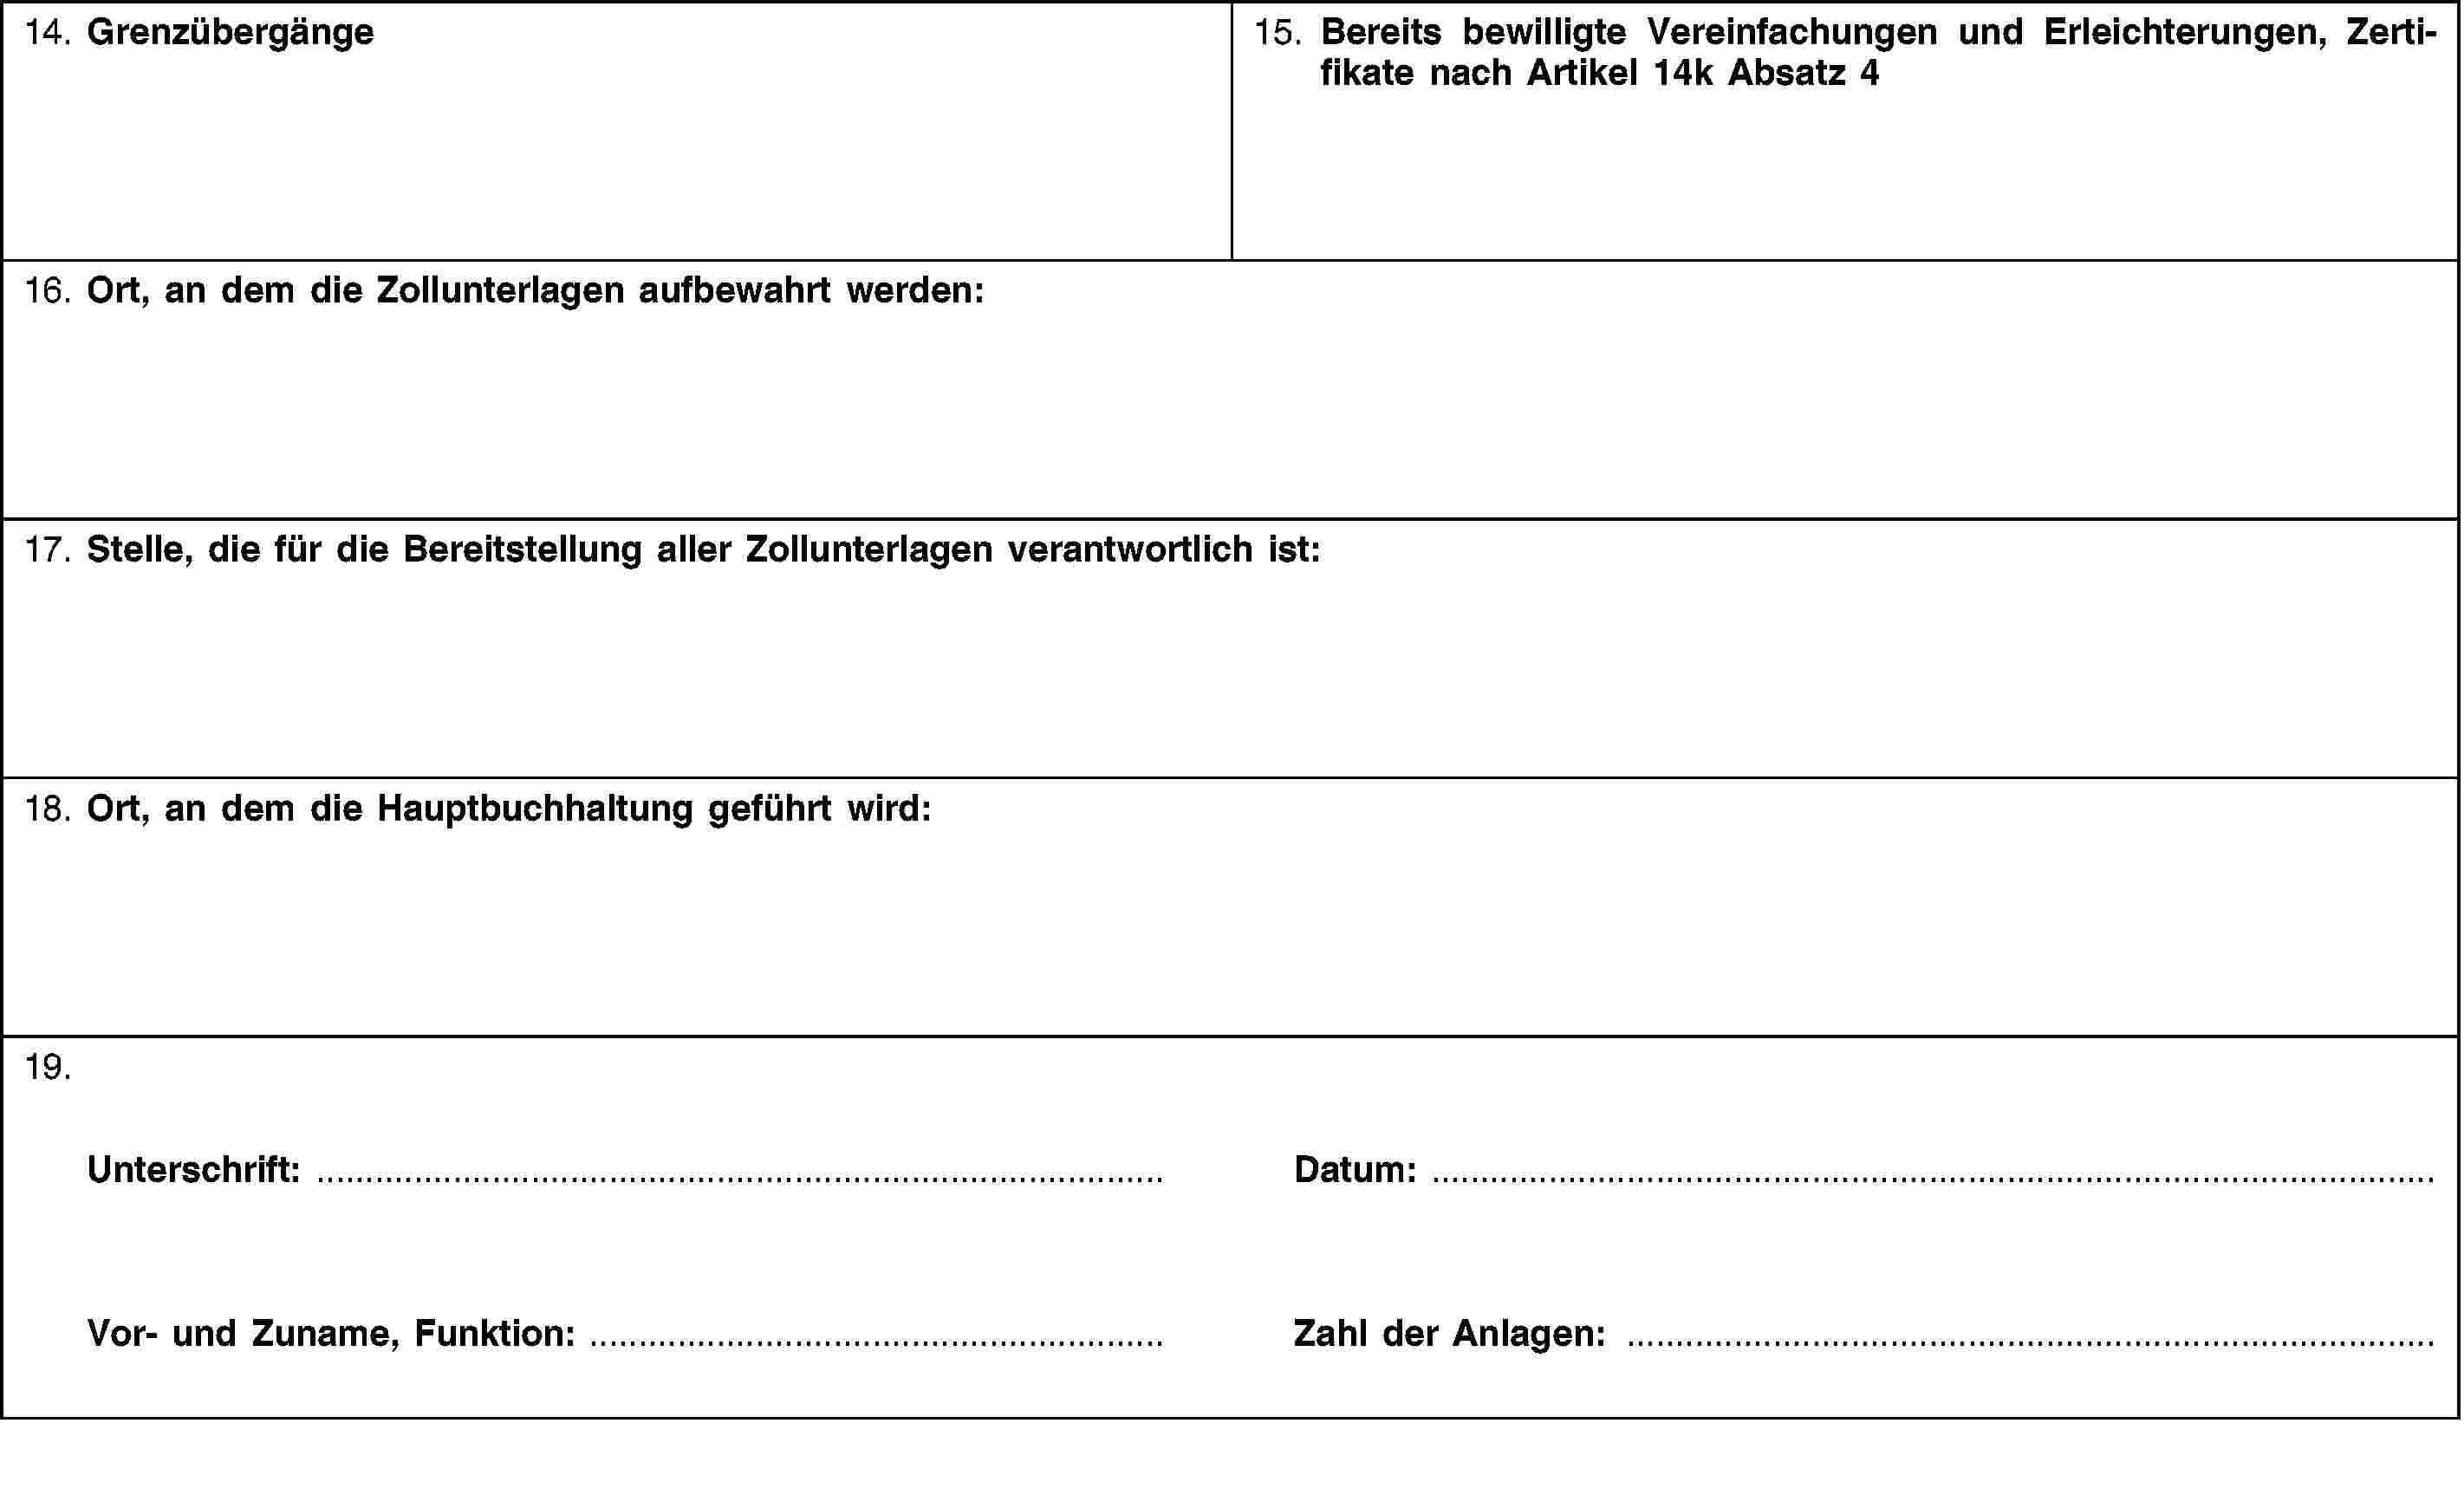 Schön Vorlage Für Aktienzertifikate Galerie - Beispiel ...